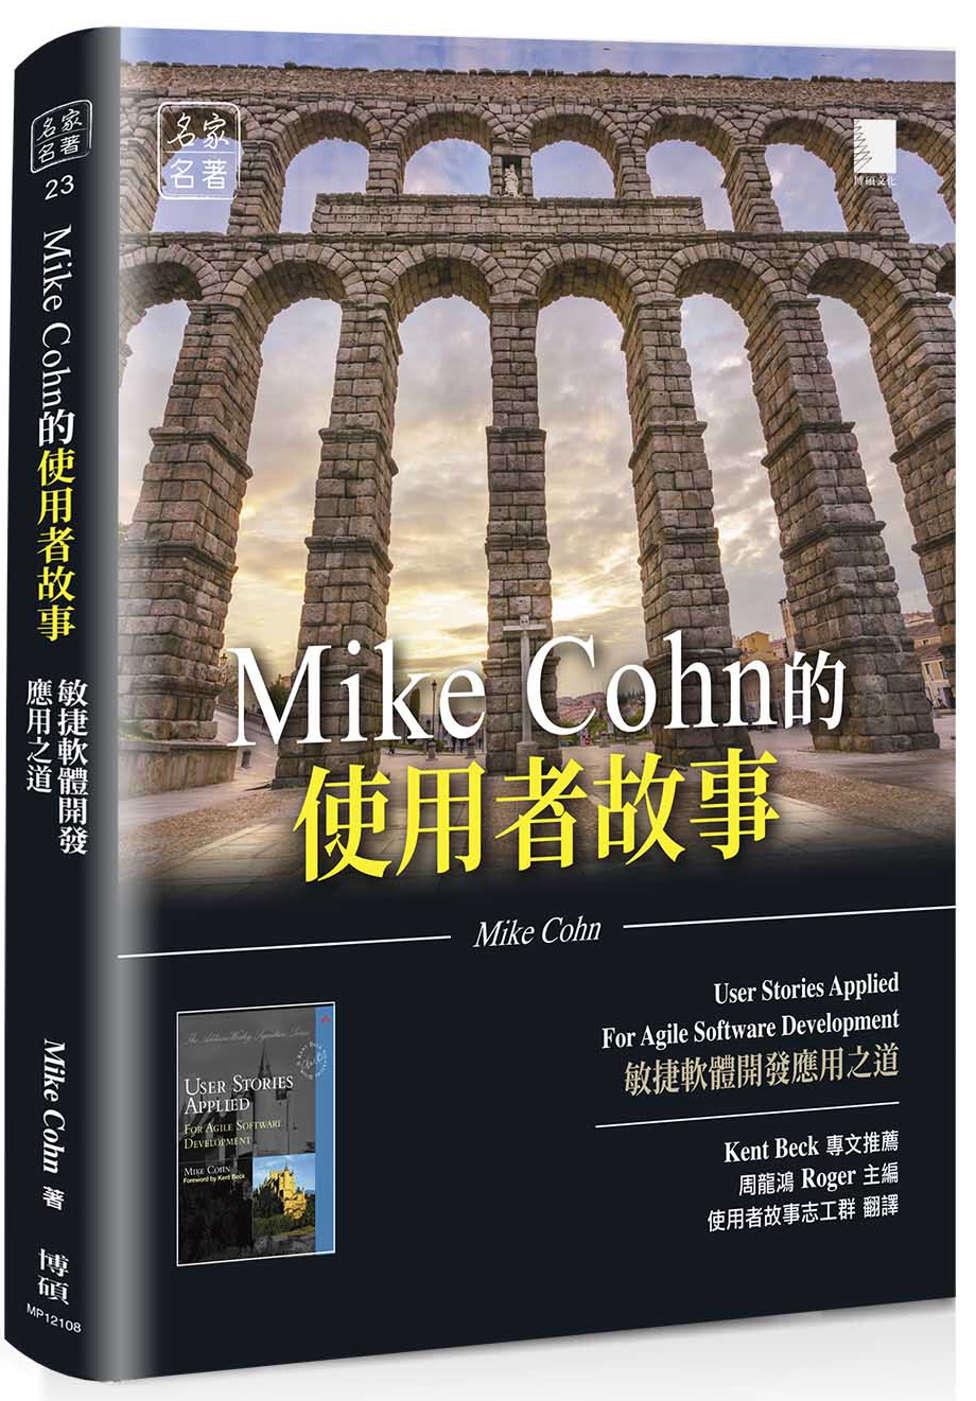 Mike Cohn的使用者故事...